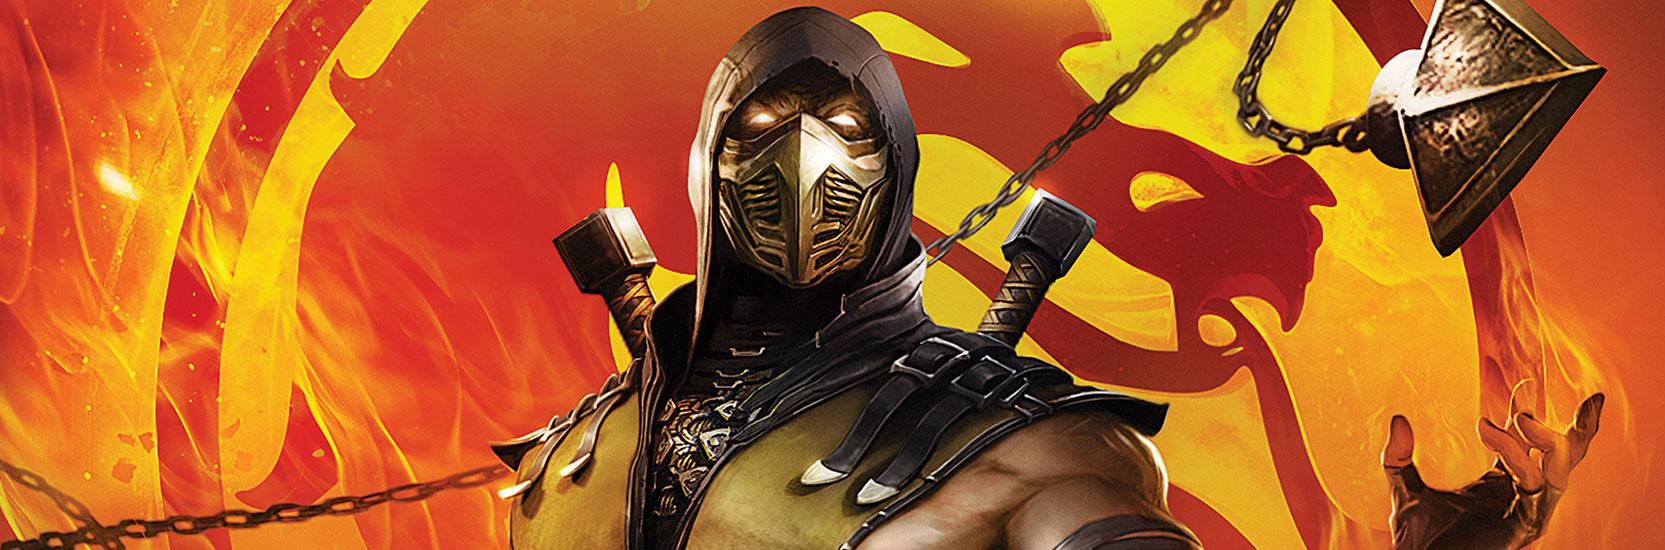 """Une bande-annonce pour """"Mortal Kombat Legends: Scorpion's Revenge"""""""